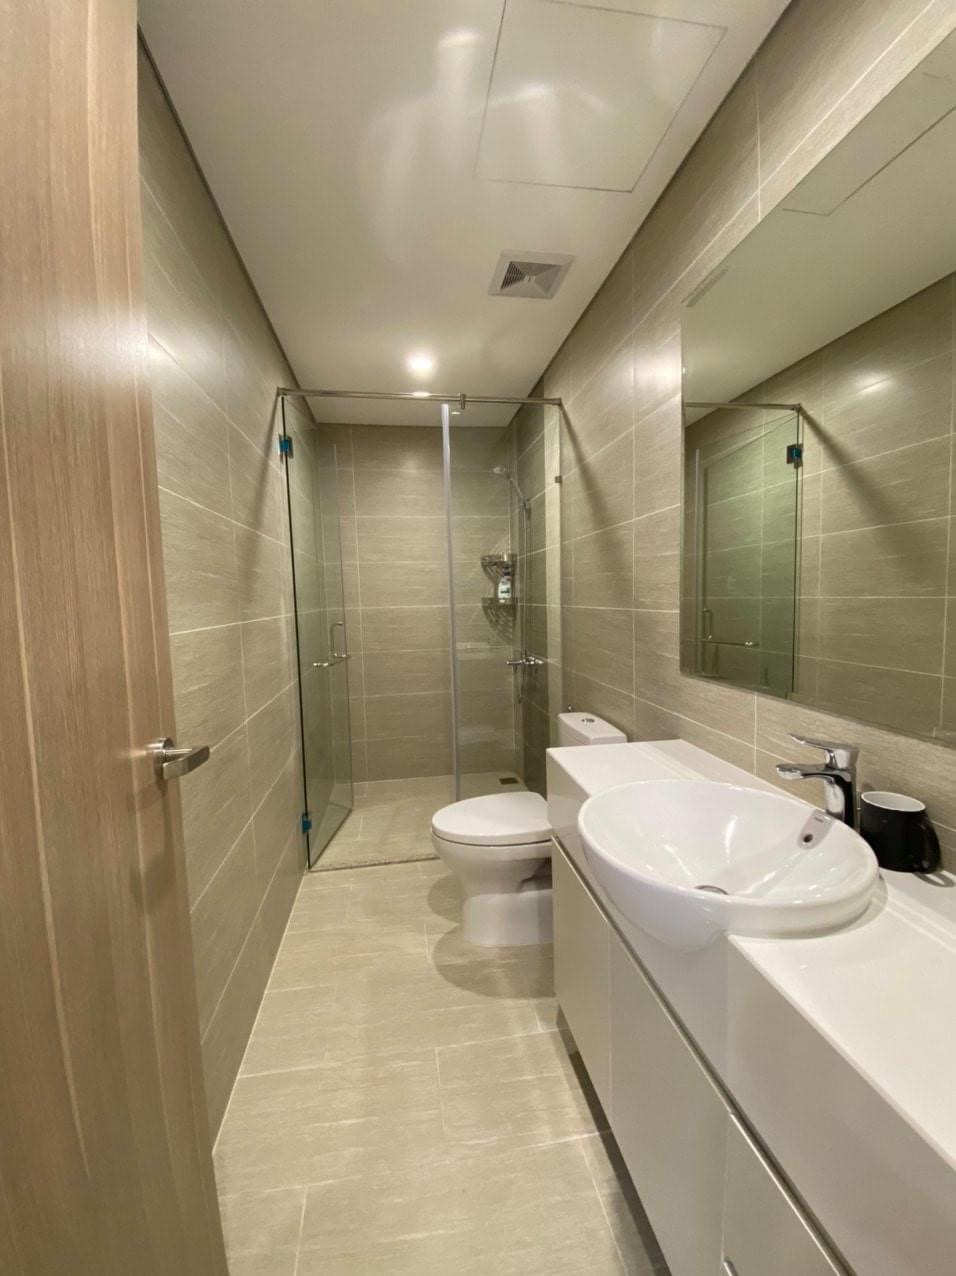 Căn hộ 3 phòng ngủ tầng 34 toà S5.03 Vinhomes Grand park cho thuê 10tr 5